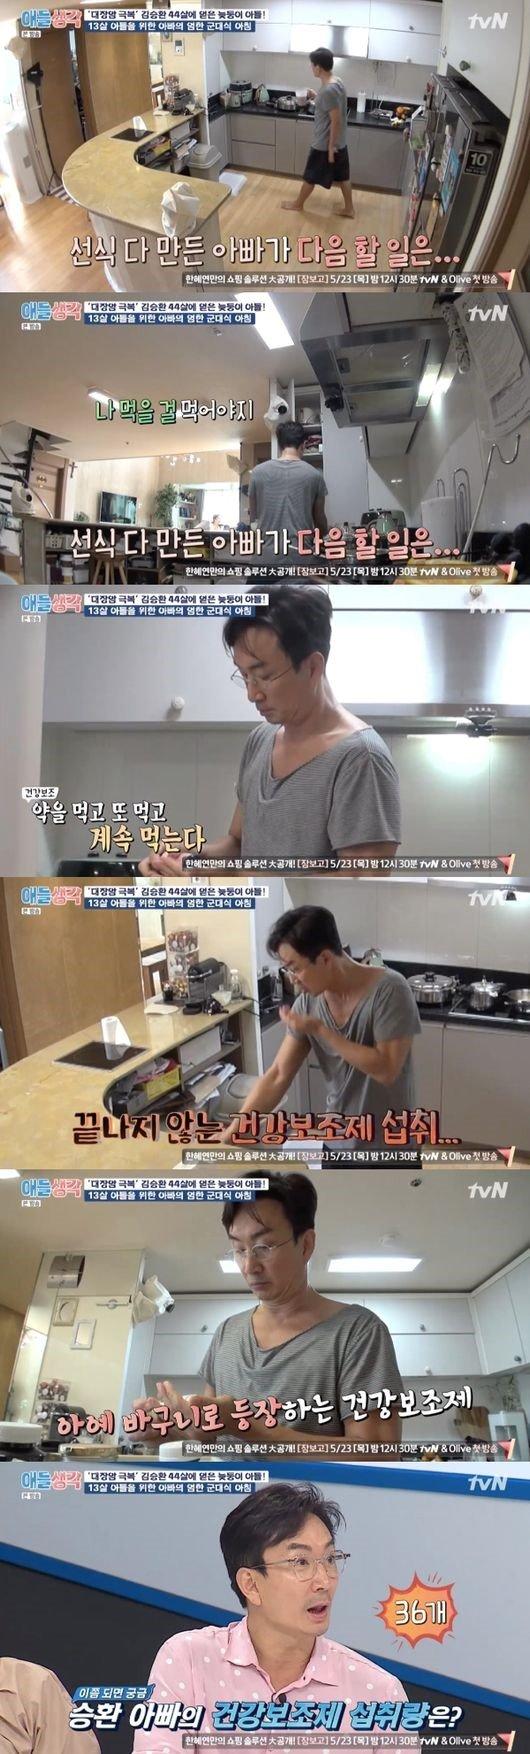 '하루 담배 4갑' 대장암 걸렸던 김승환, 영양제 36알 '폭풍흡입'